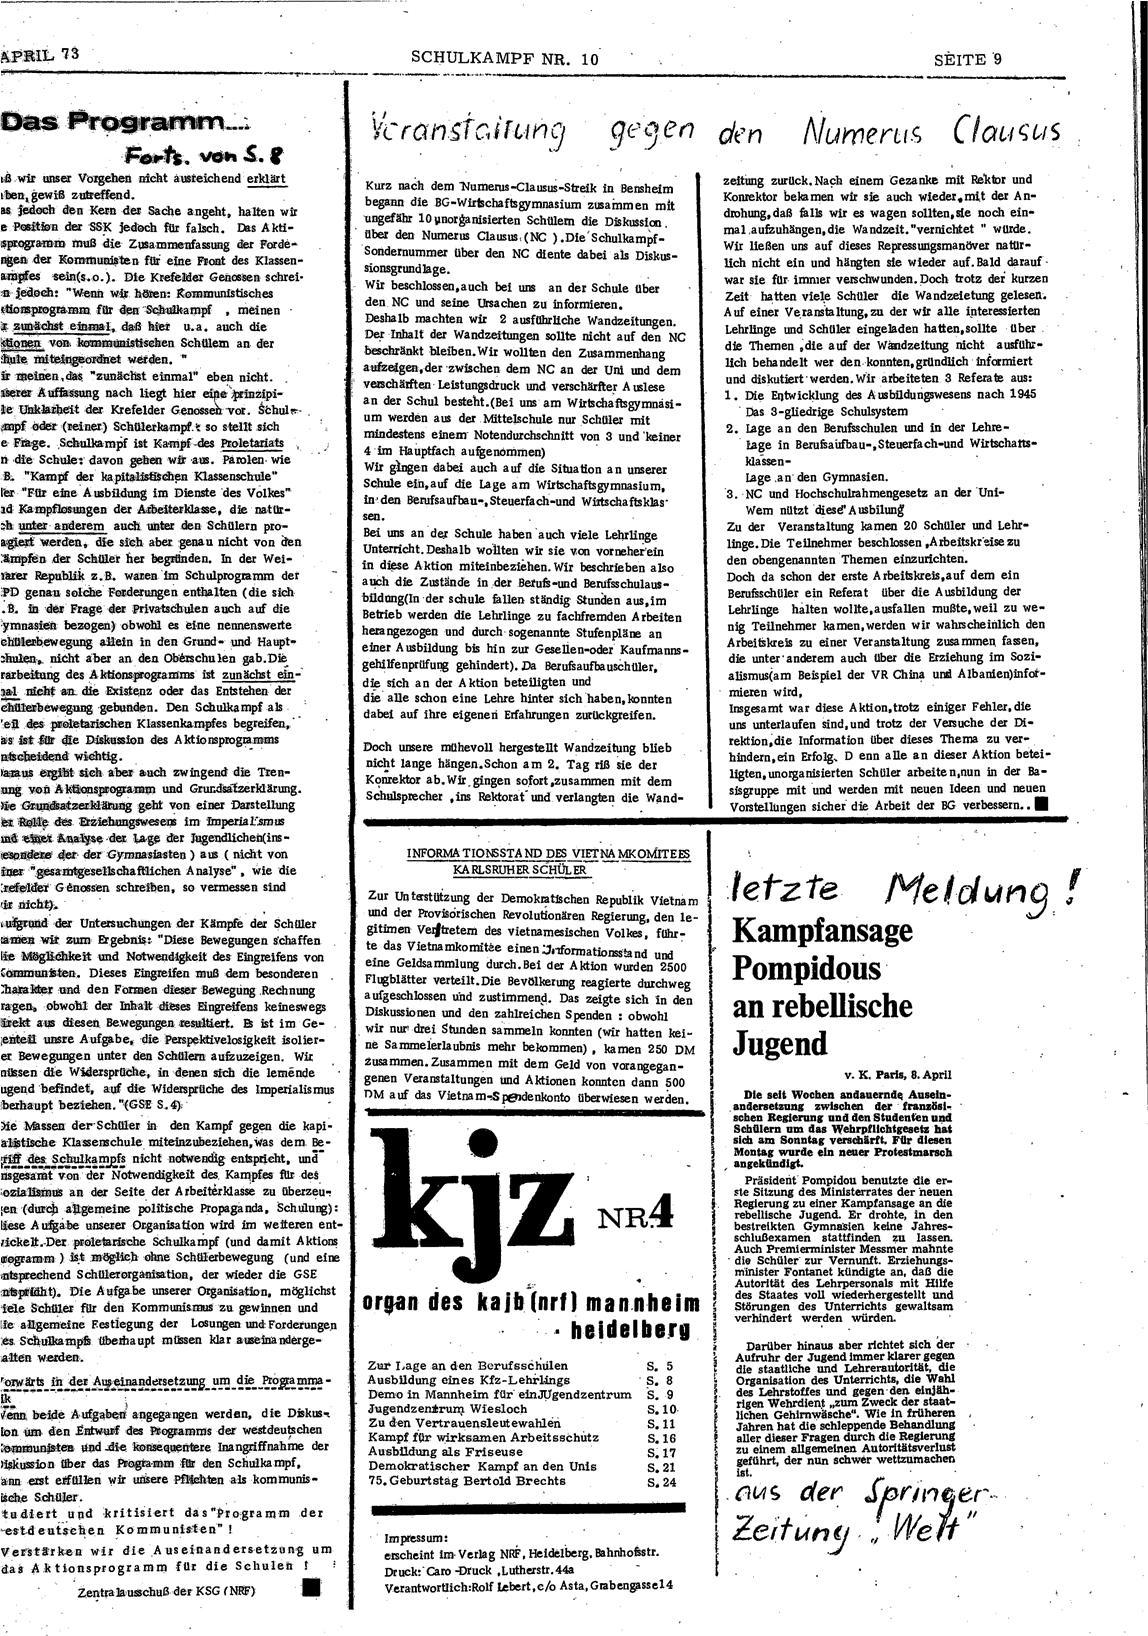 Schulkampf_HD_1973_10_09